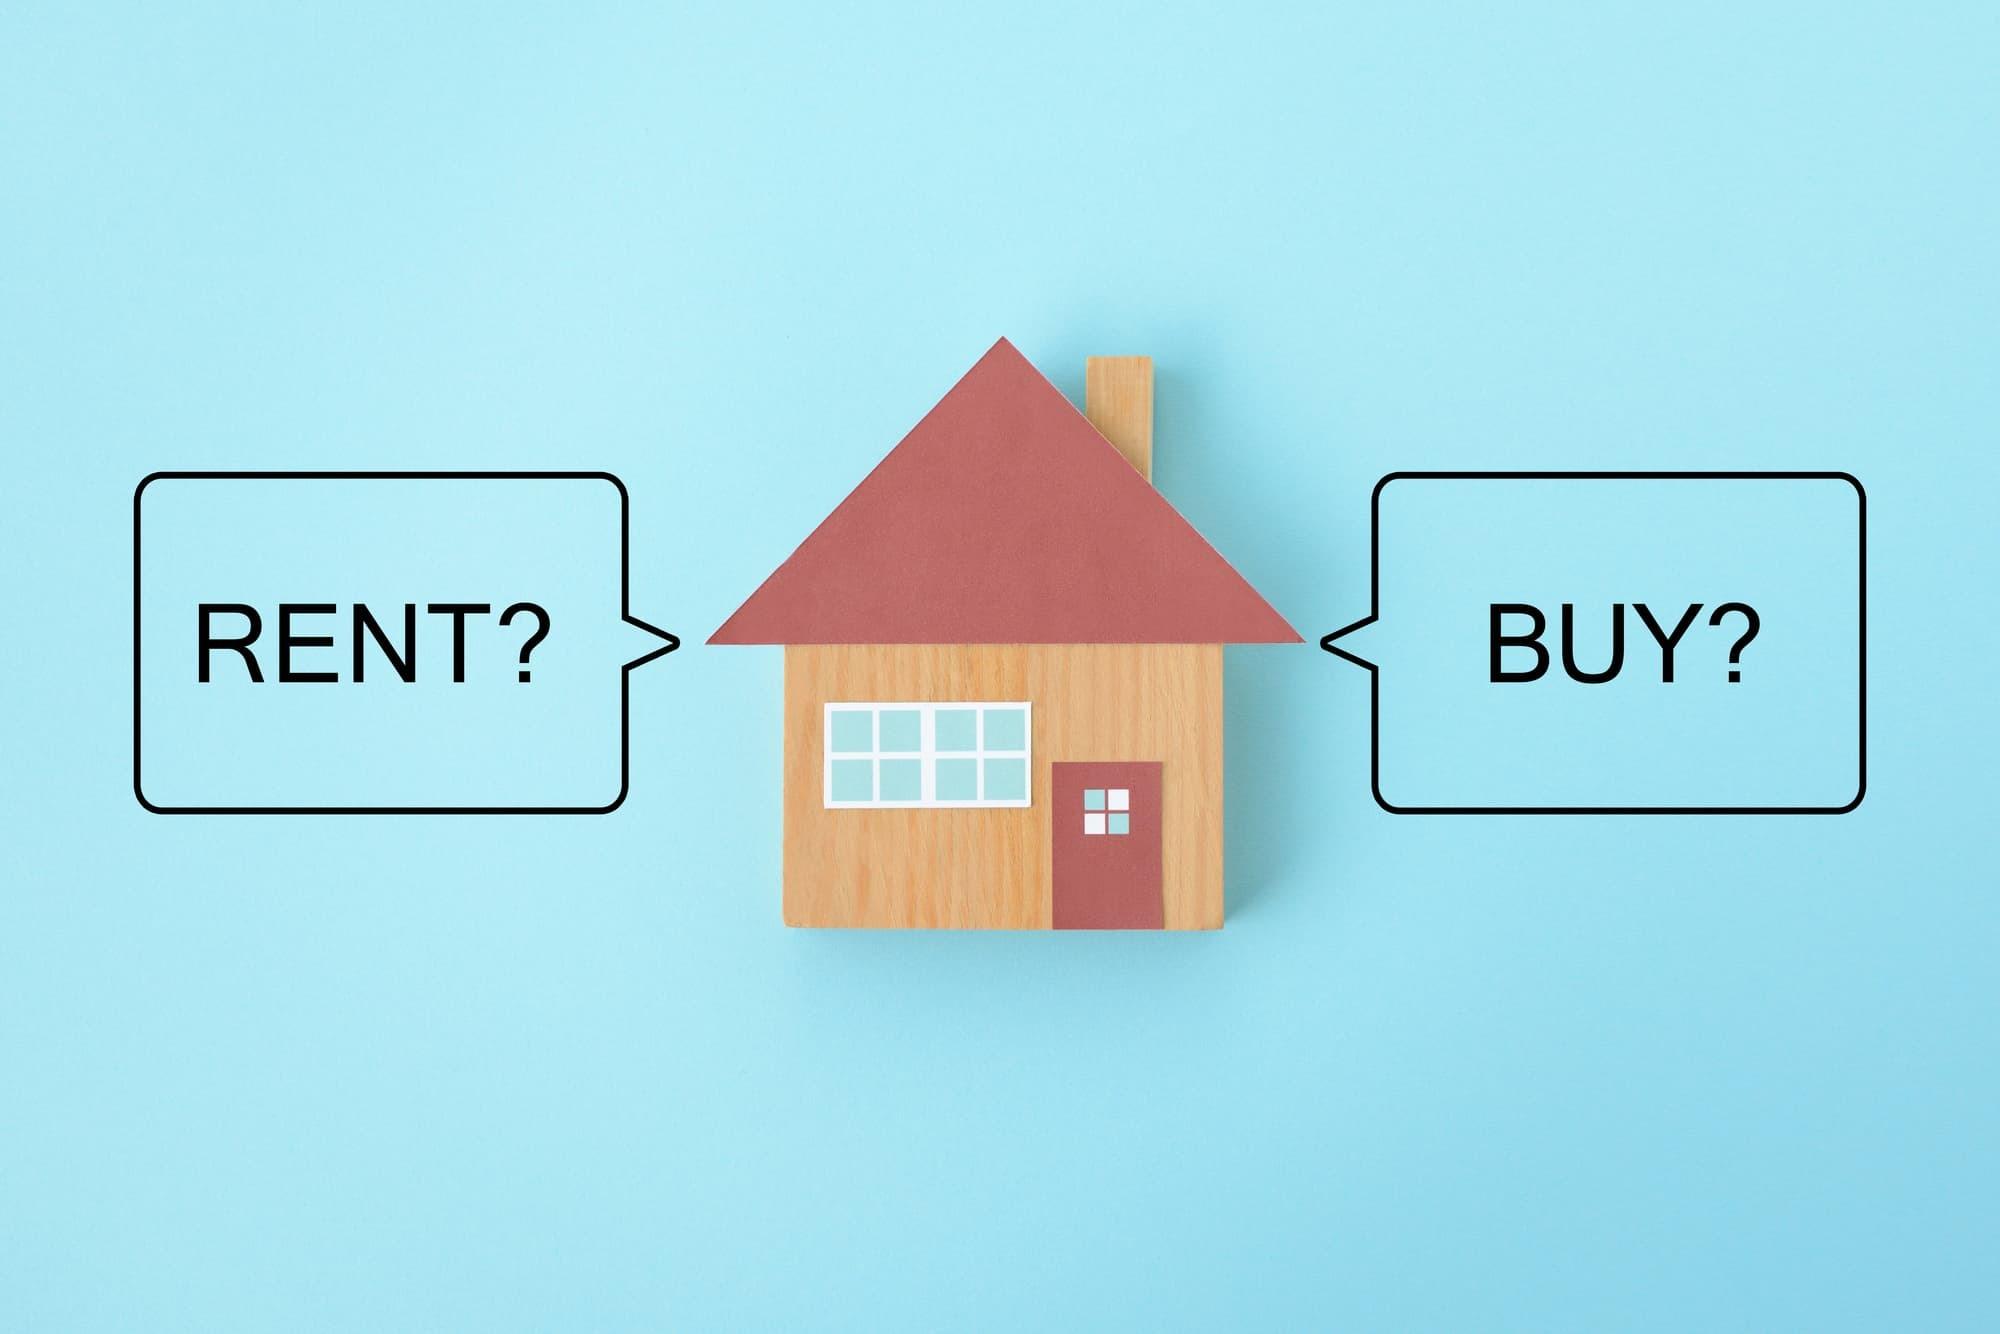 賃貸かマイホーム購入か〜それぞれのメリットとデメリット〜